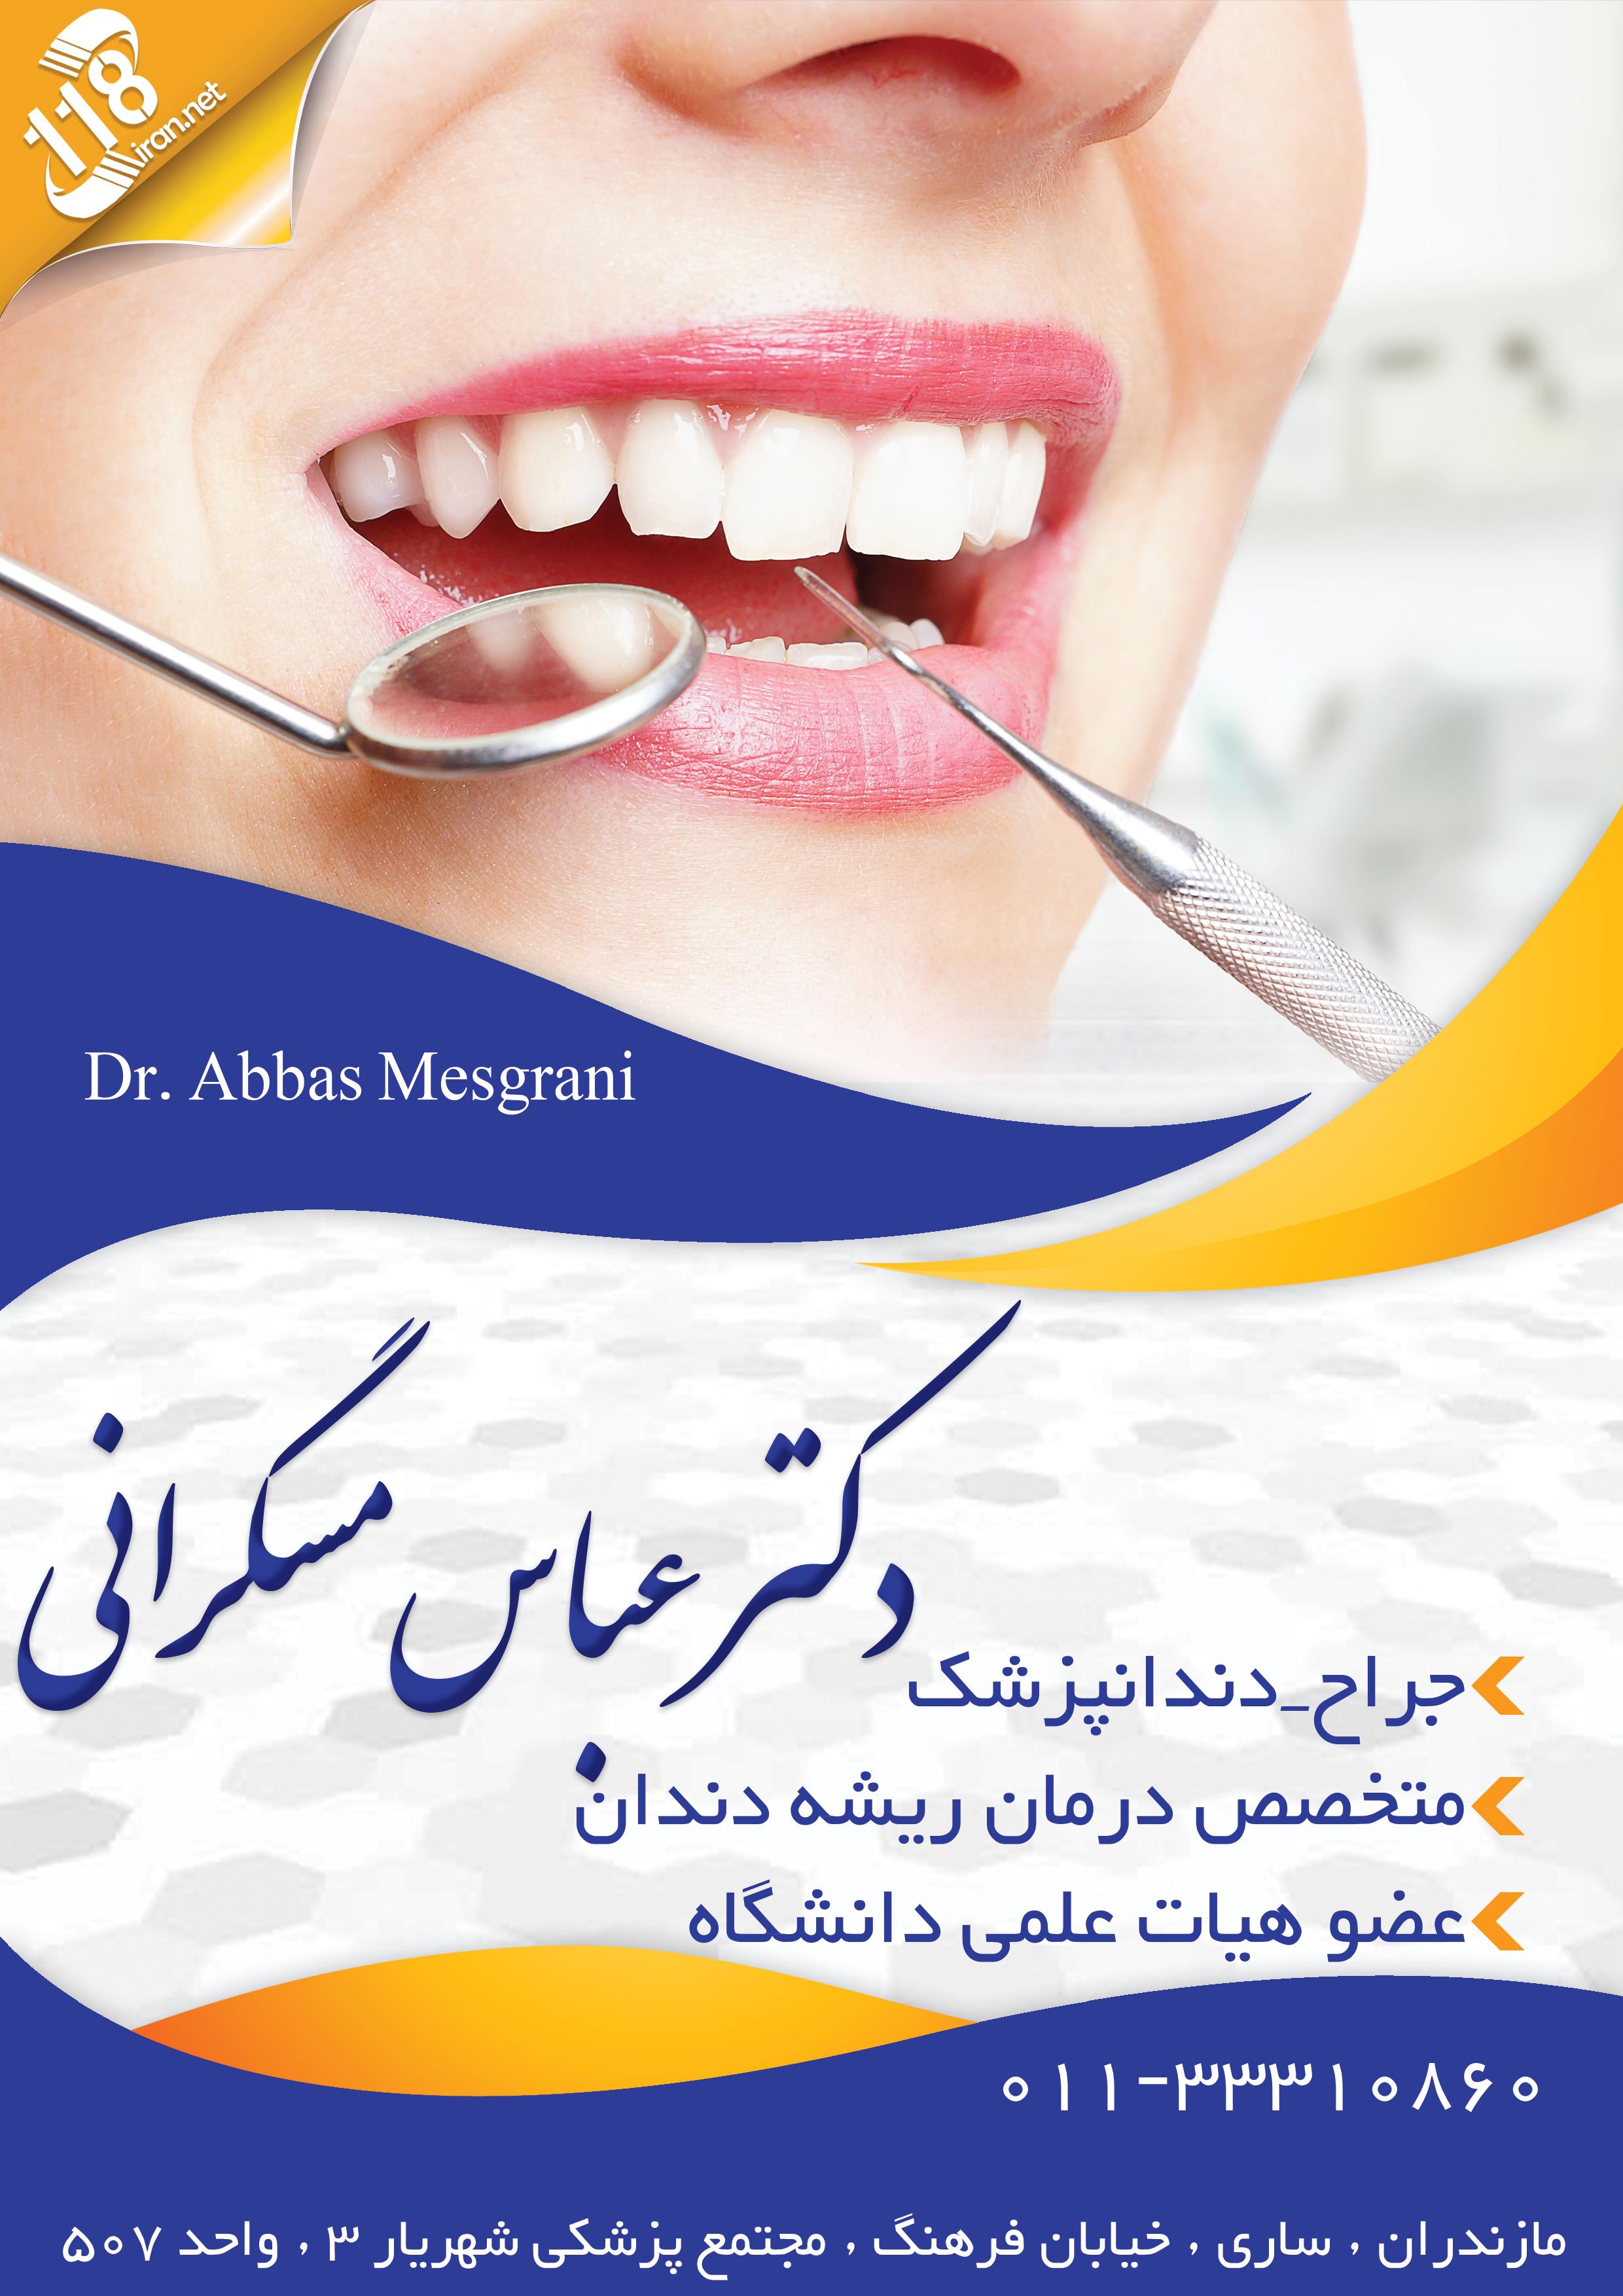 دکتر عباس مسگرانی